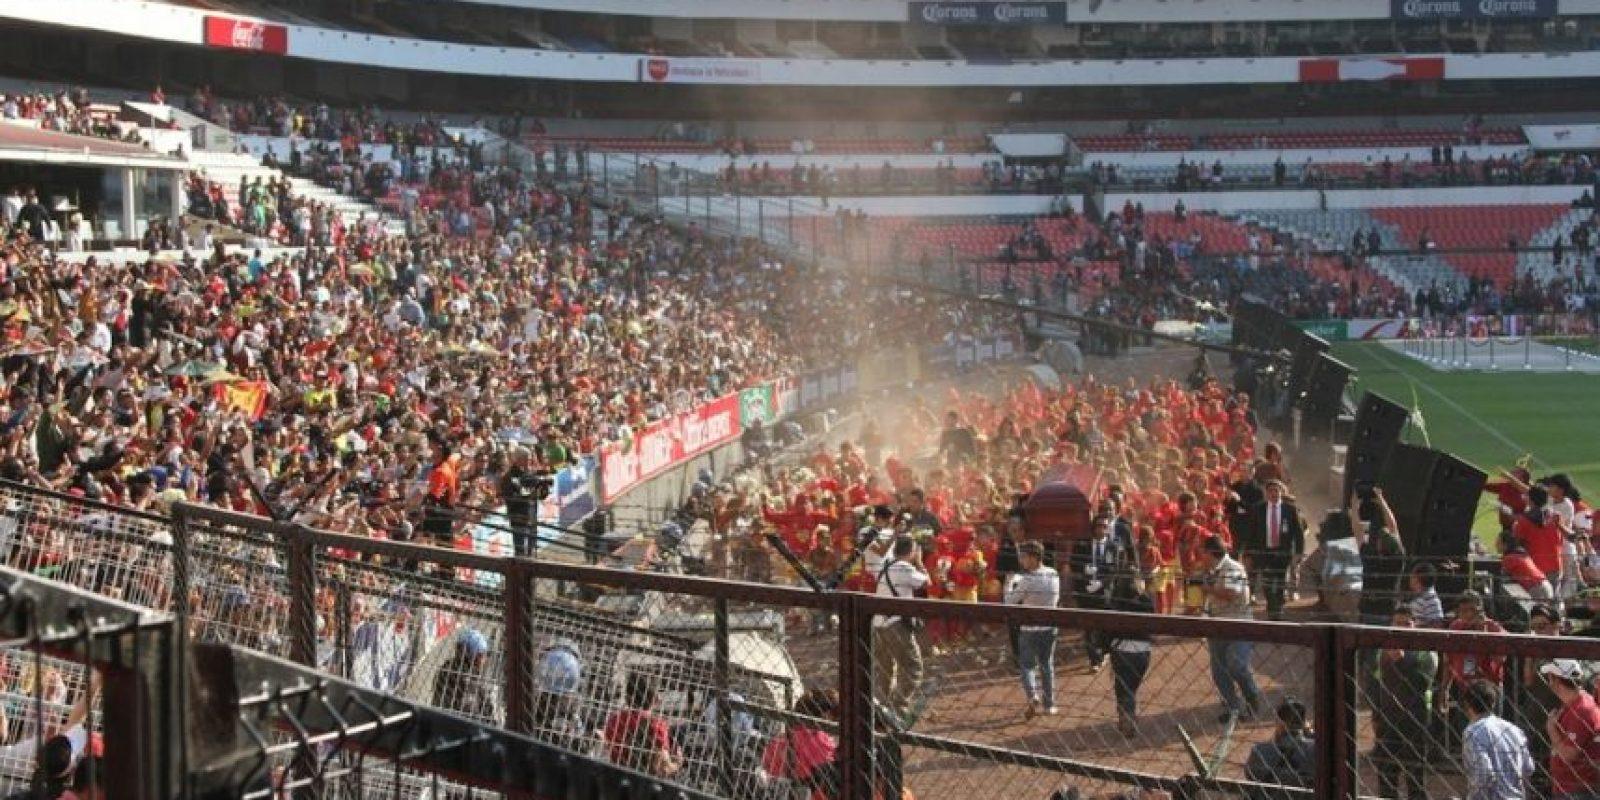 Miles de personas se aglutinaron para despedir al comediante en las vías hacia el Estadio Azteca. 40 mil llegaron al recinto deportivo para presenciar los homenajes y la ceremonia religiosa. Foto:Nicolás Corte/Publimetro México